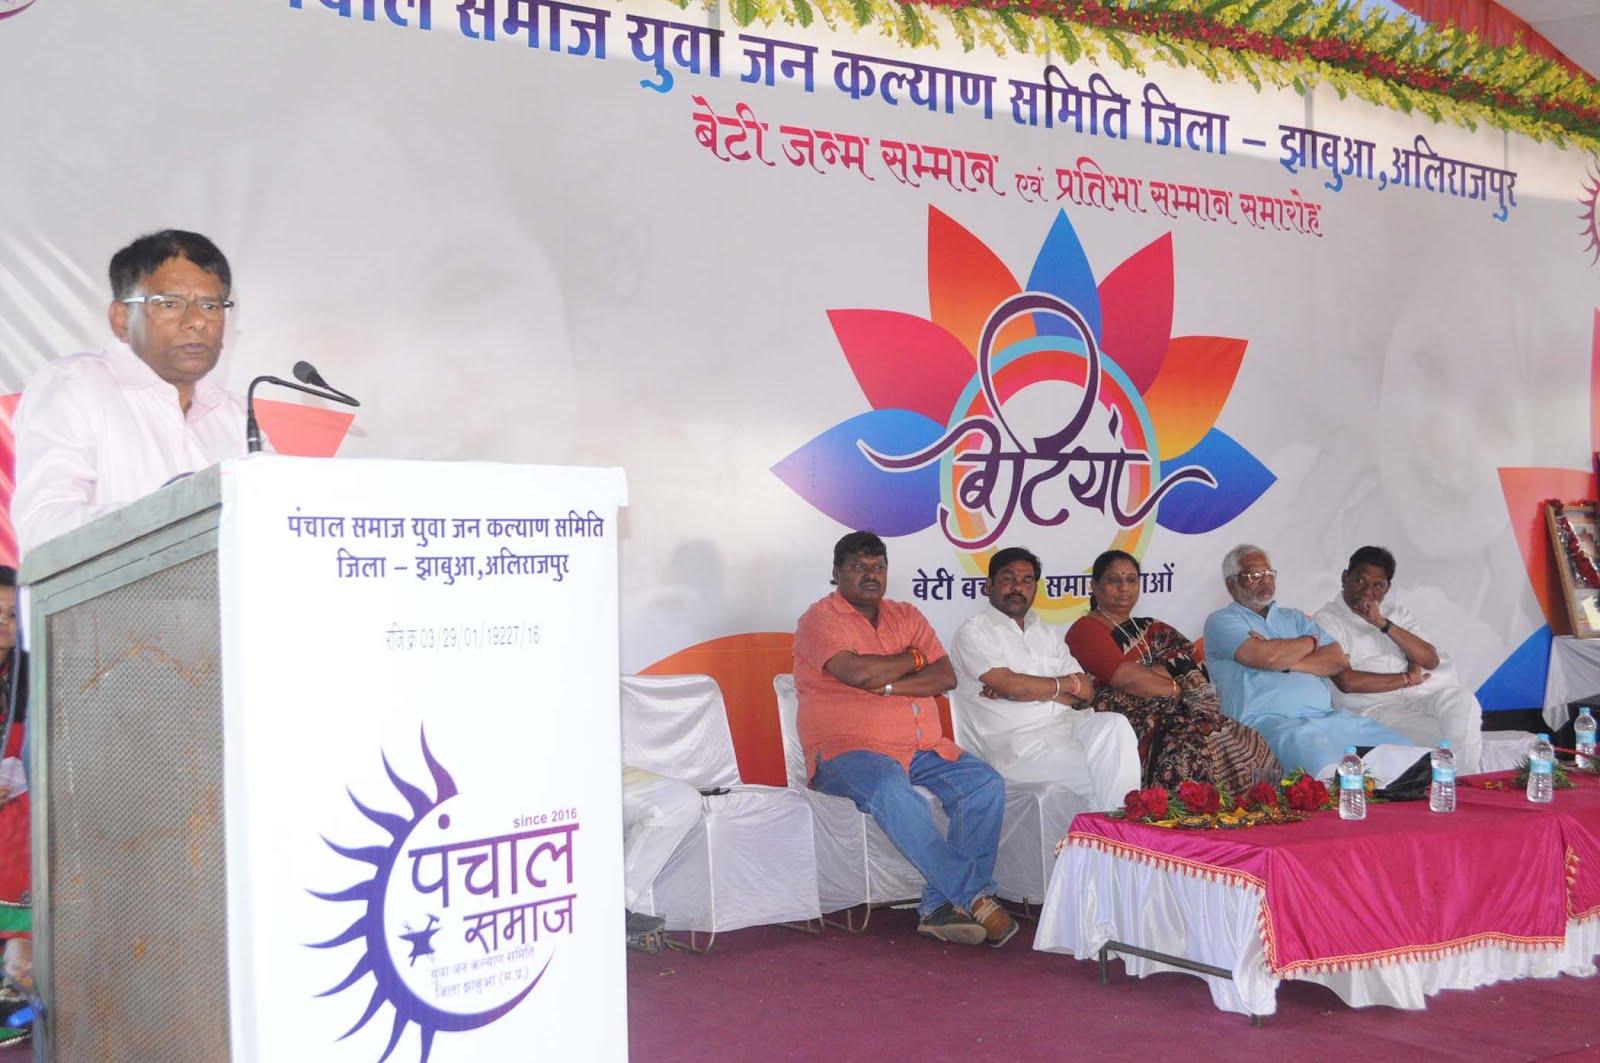 Panchal-society-youth-welfare-committee-has-the-unique-honor-of-daughters-पंचाल समाज की अनूठी पहलः युवा जन कल्याण समिति ने किया बेटियों का सम्मान